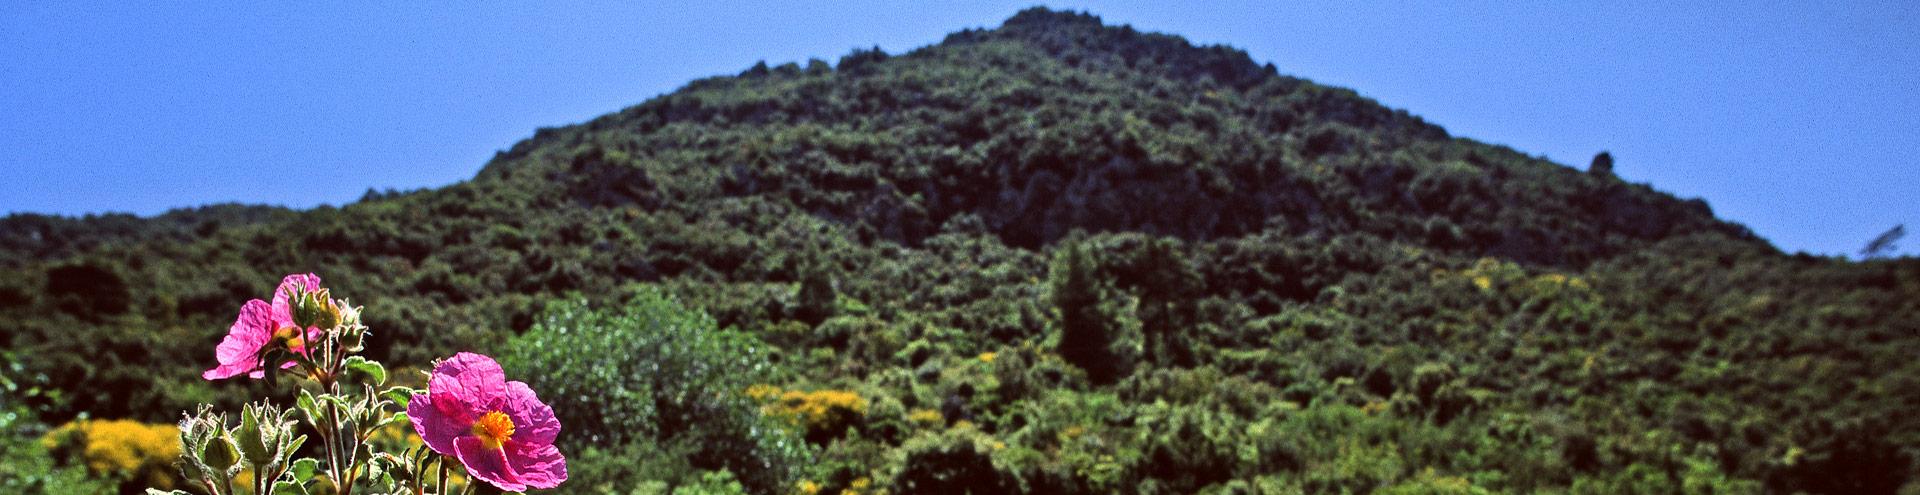 Το ηφαίστειο Μάλισα Κουνουπίτσας